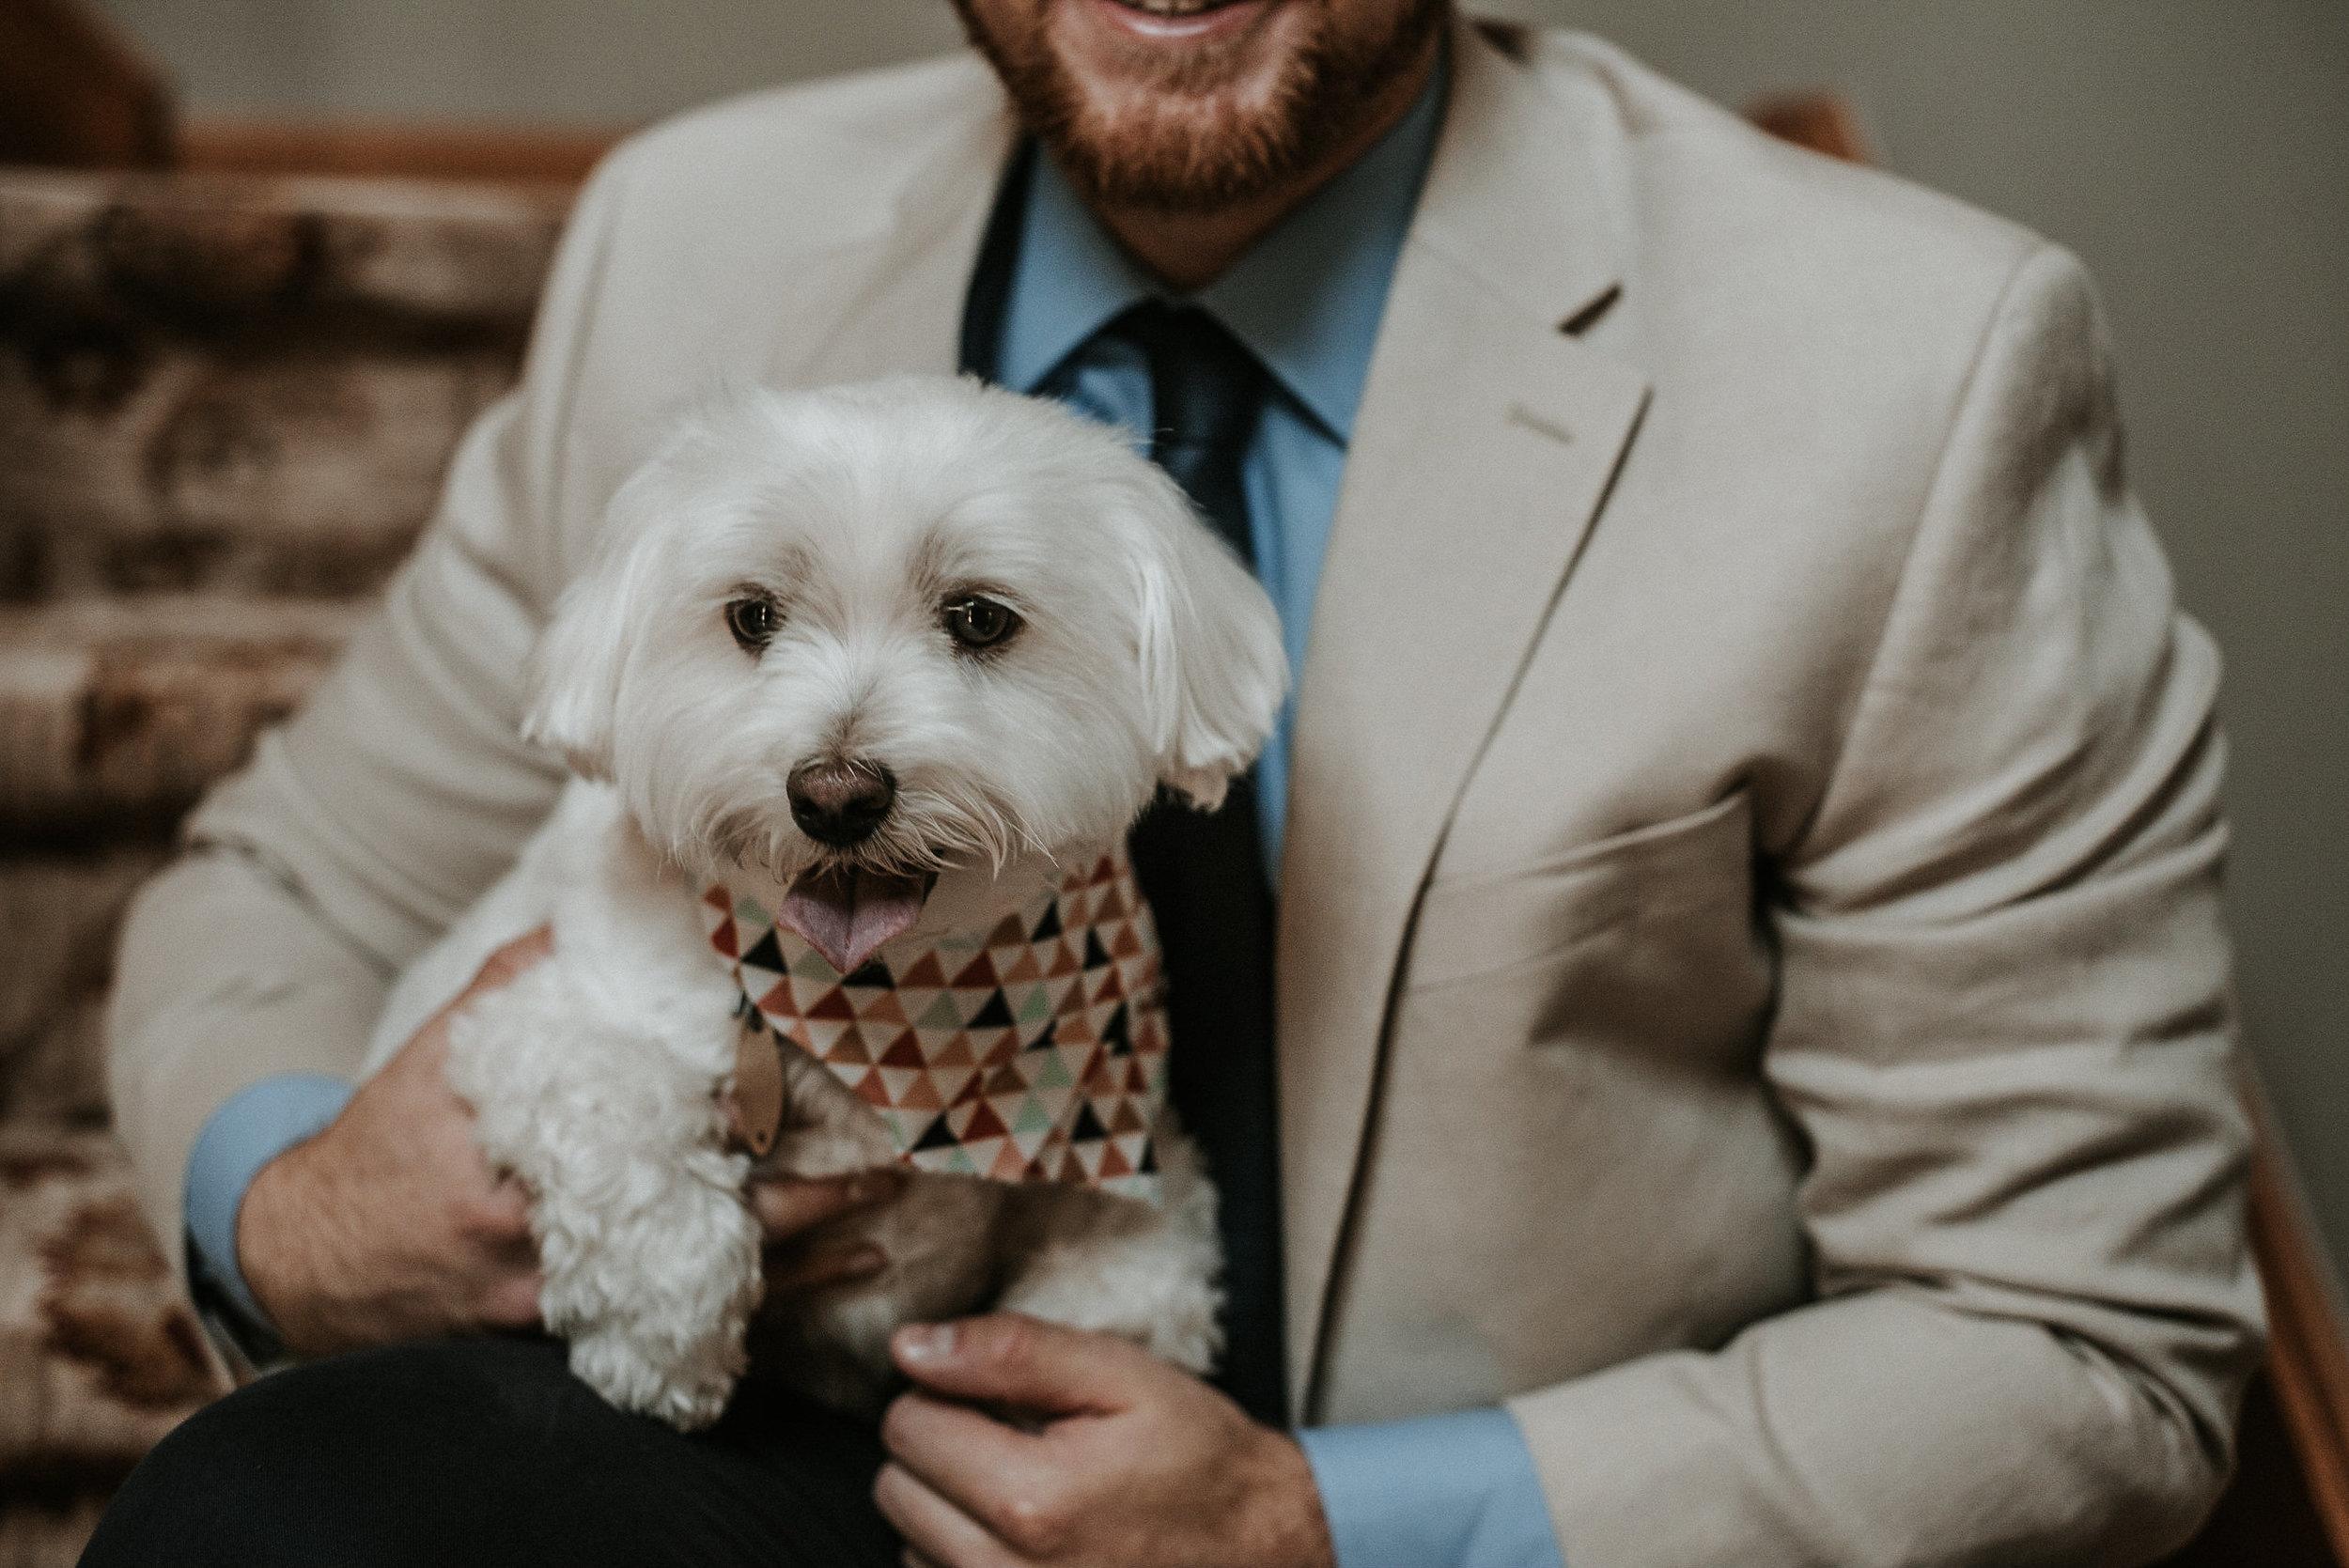 Groom holding white dog